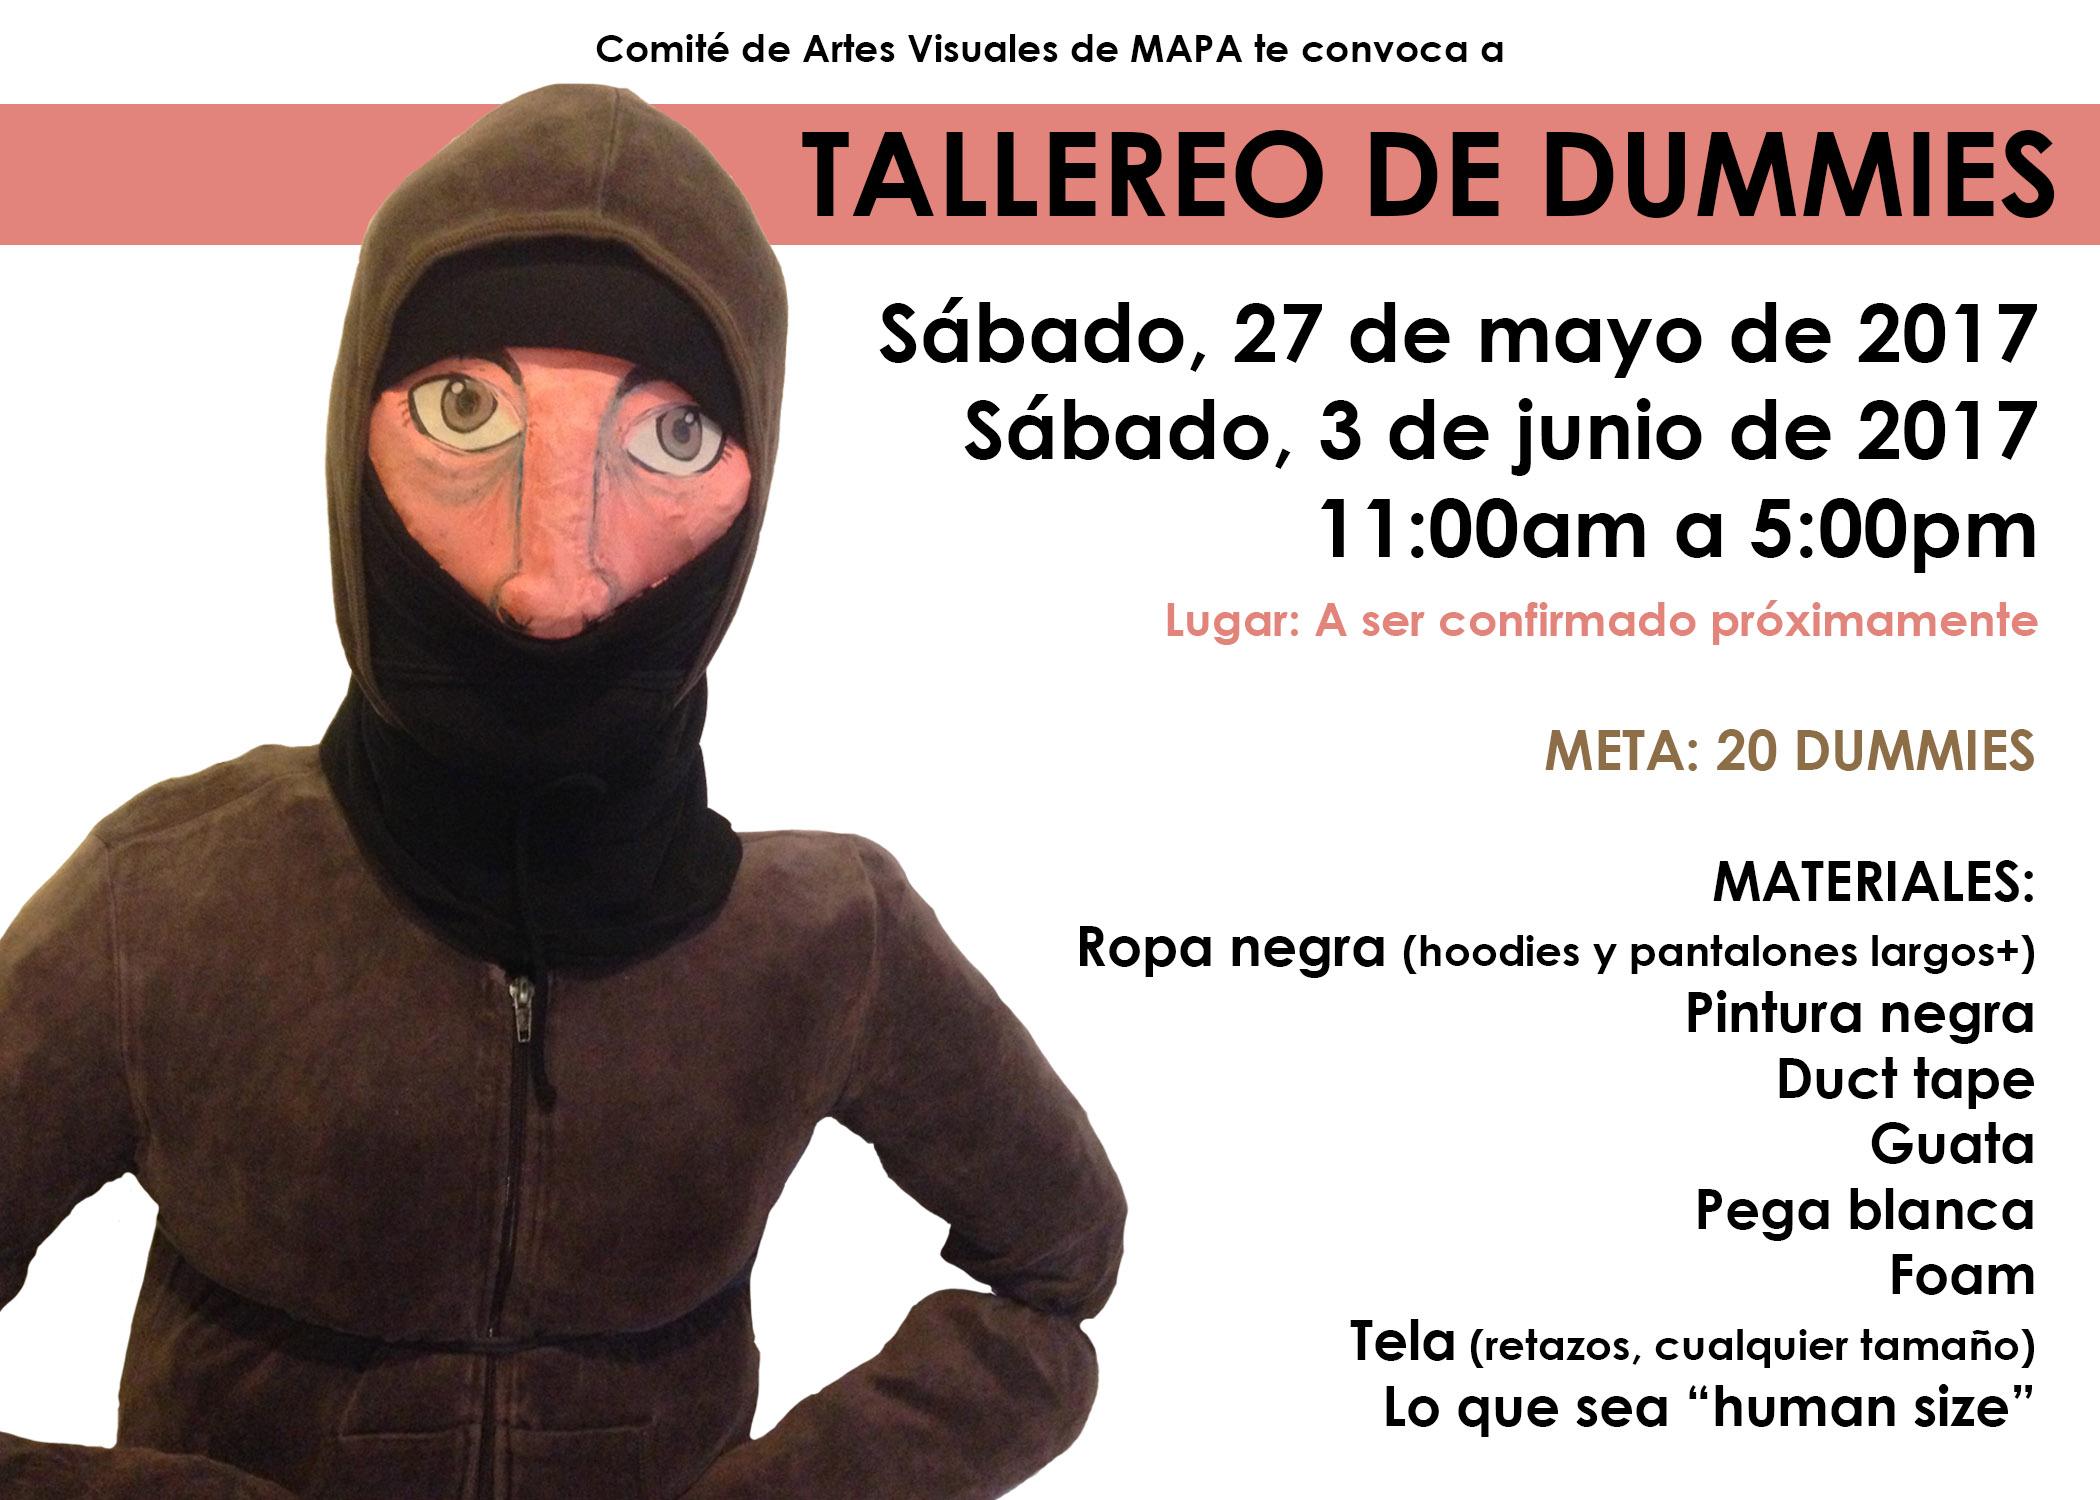 dummies-taller